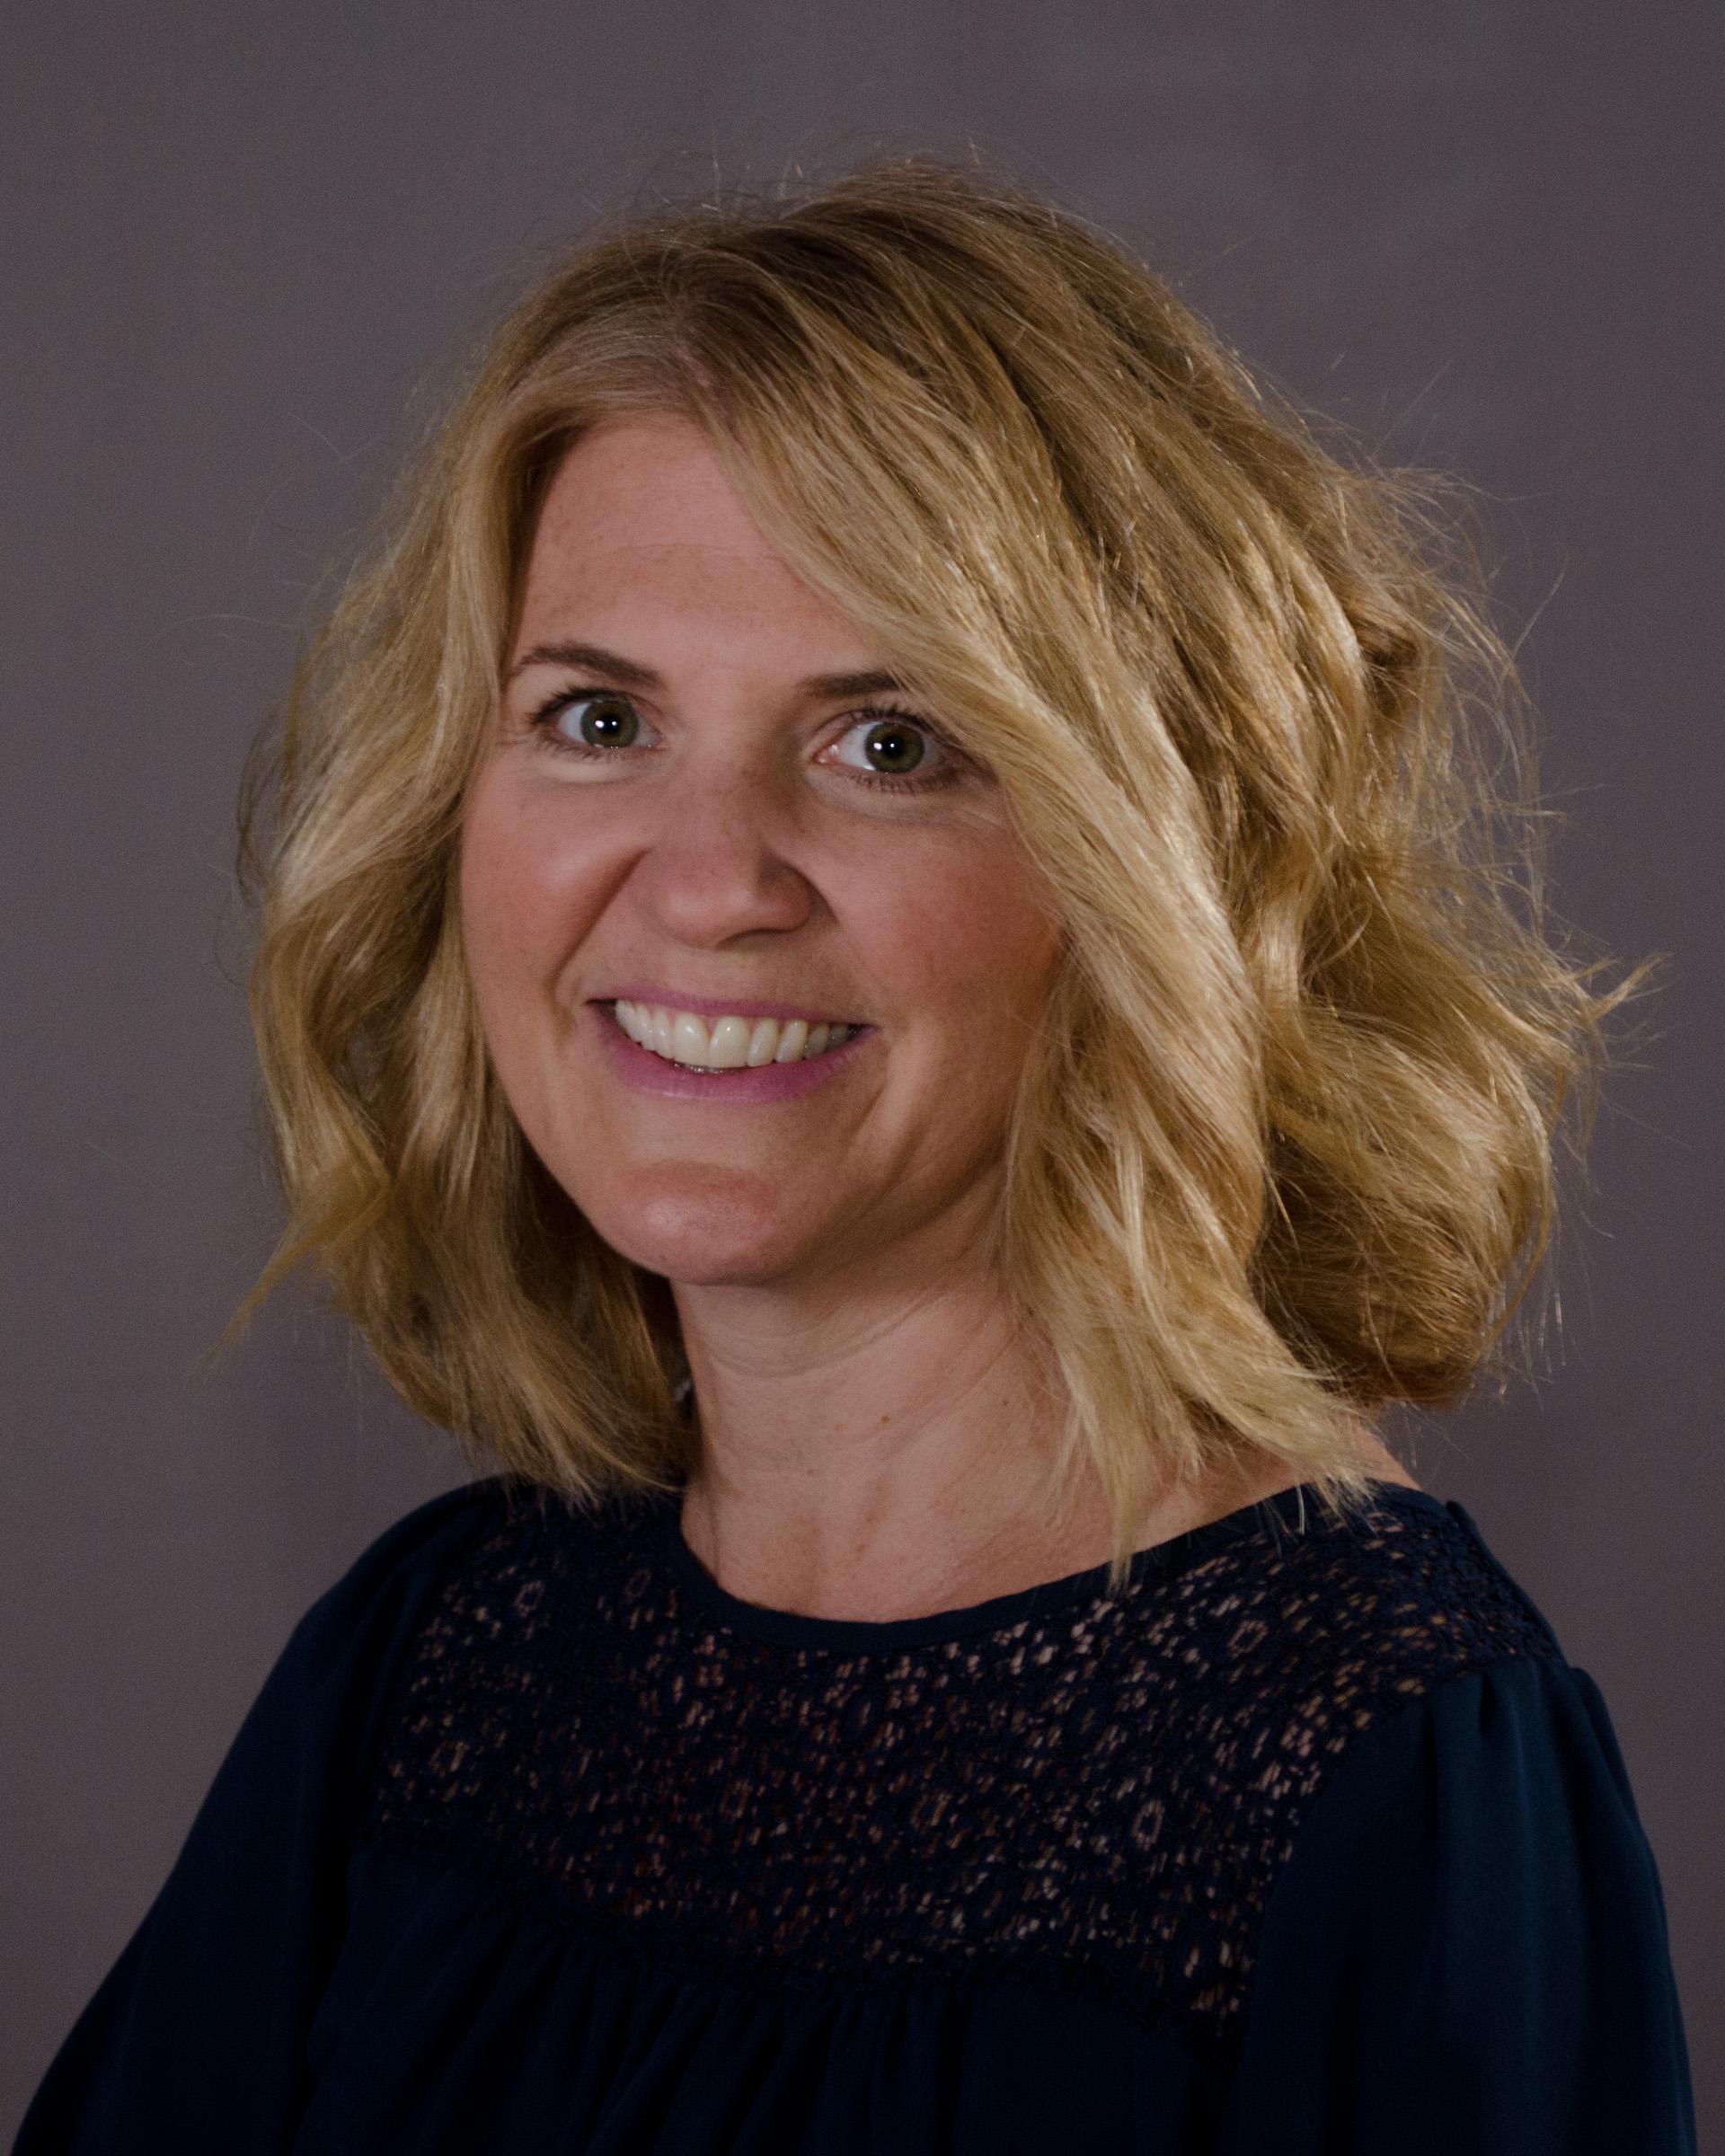 Michelle McKinnon, Financial Secretary